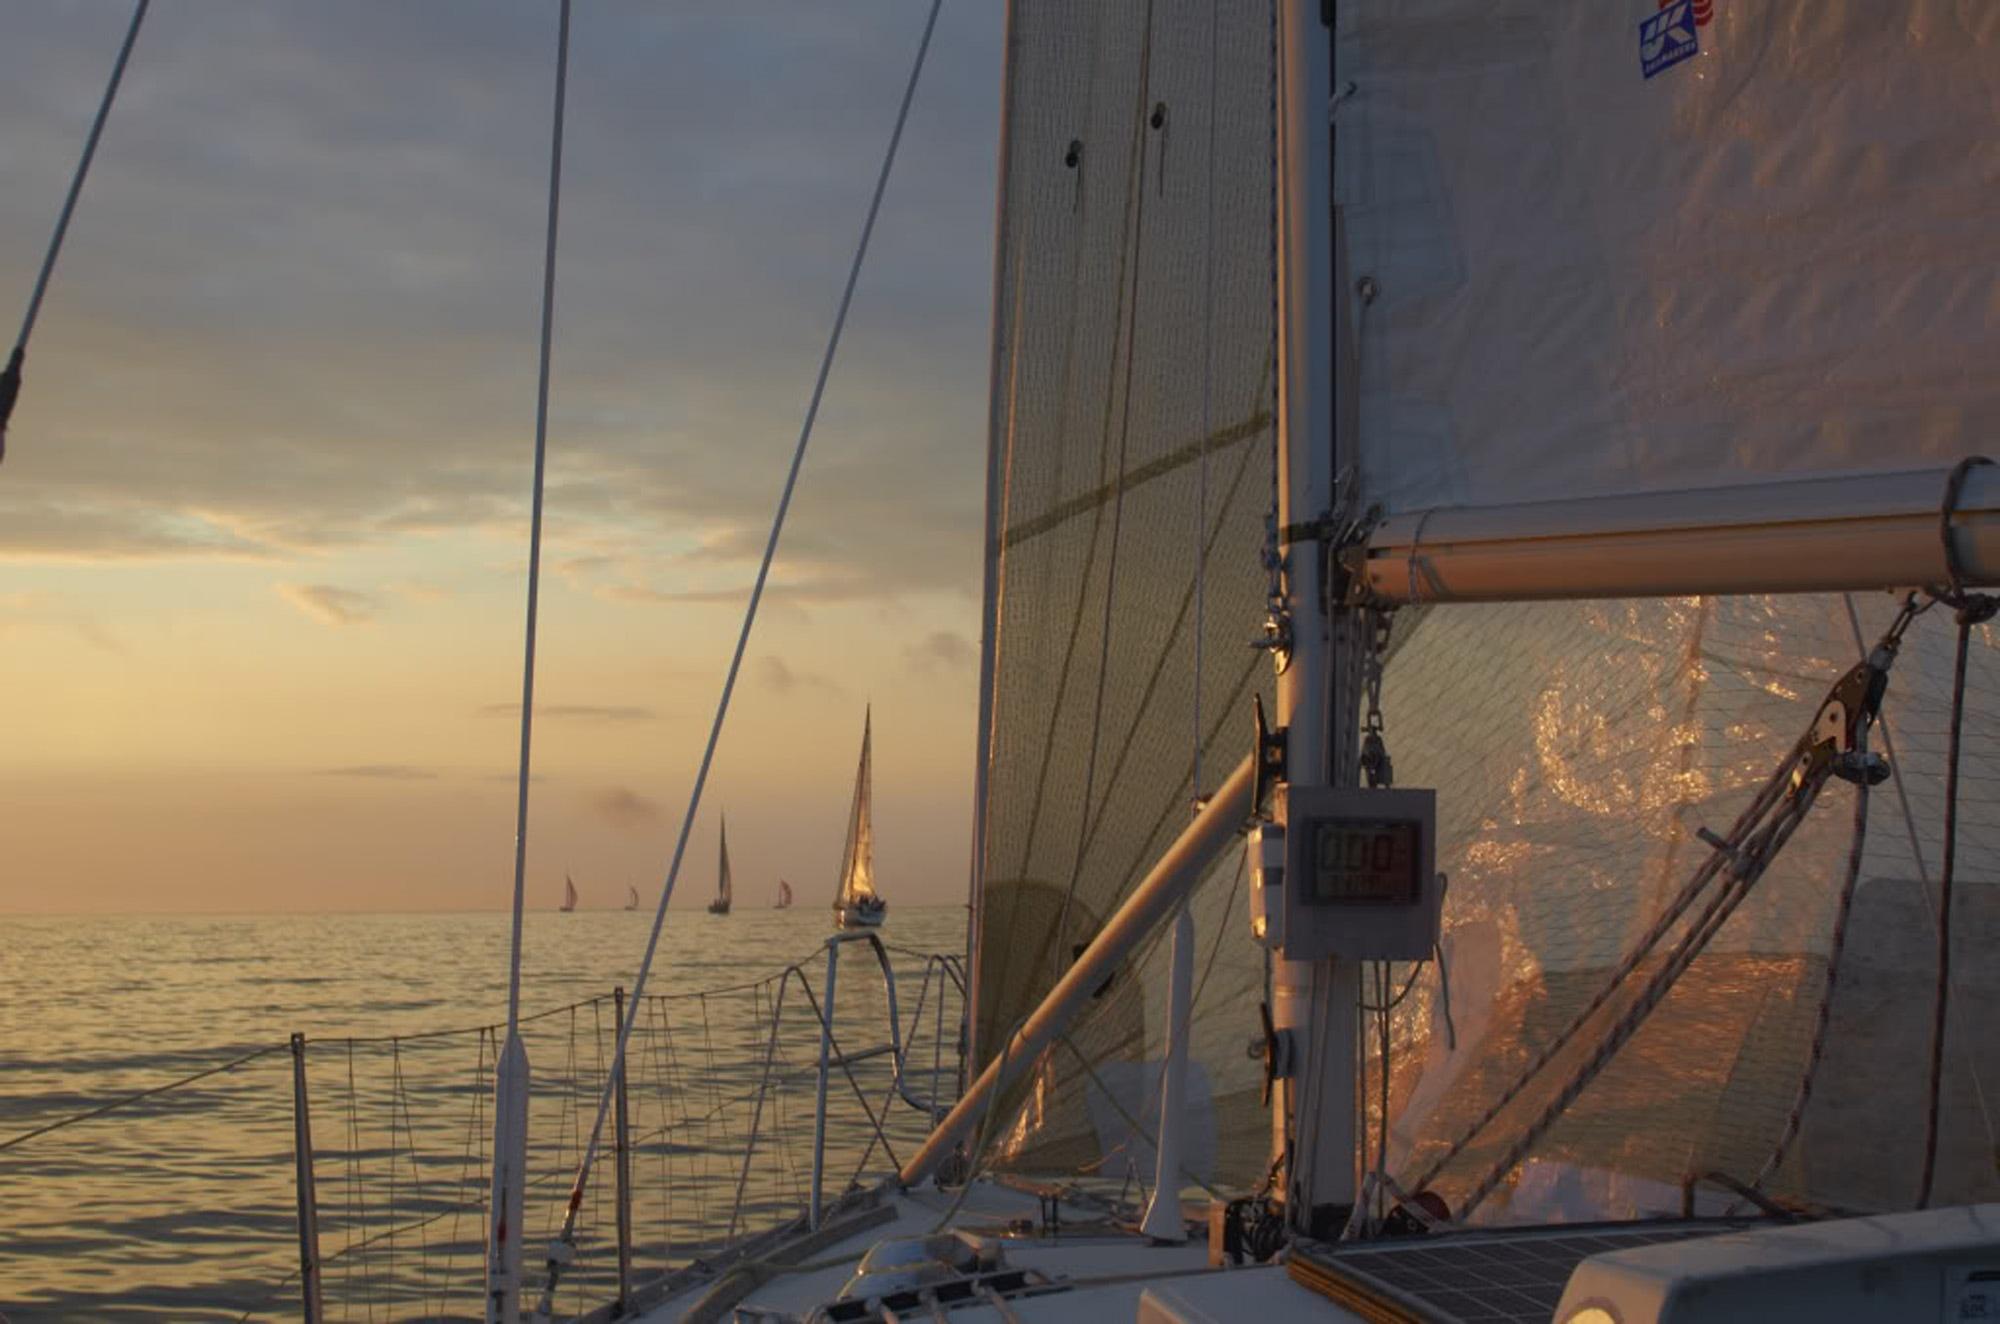 Keelboat onboard